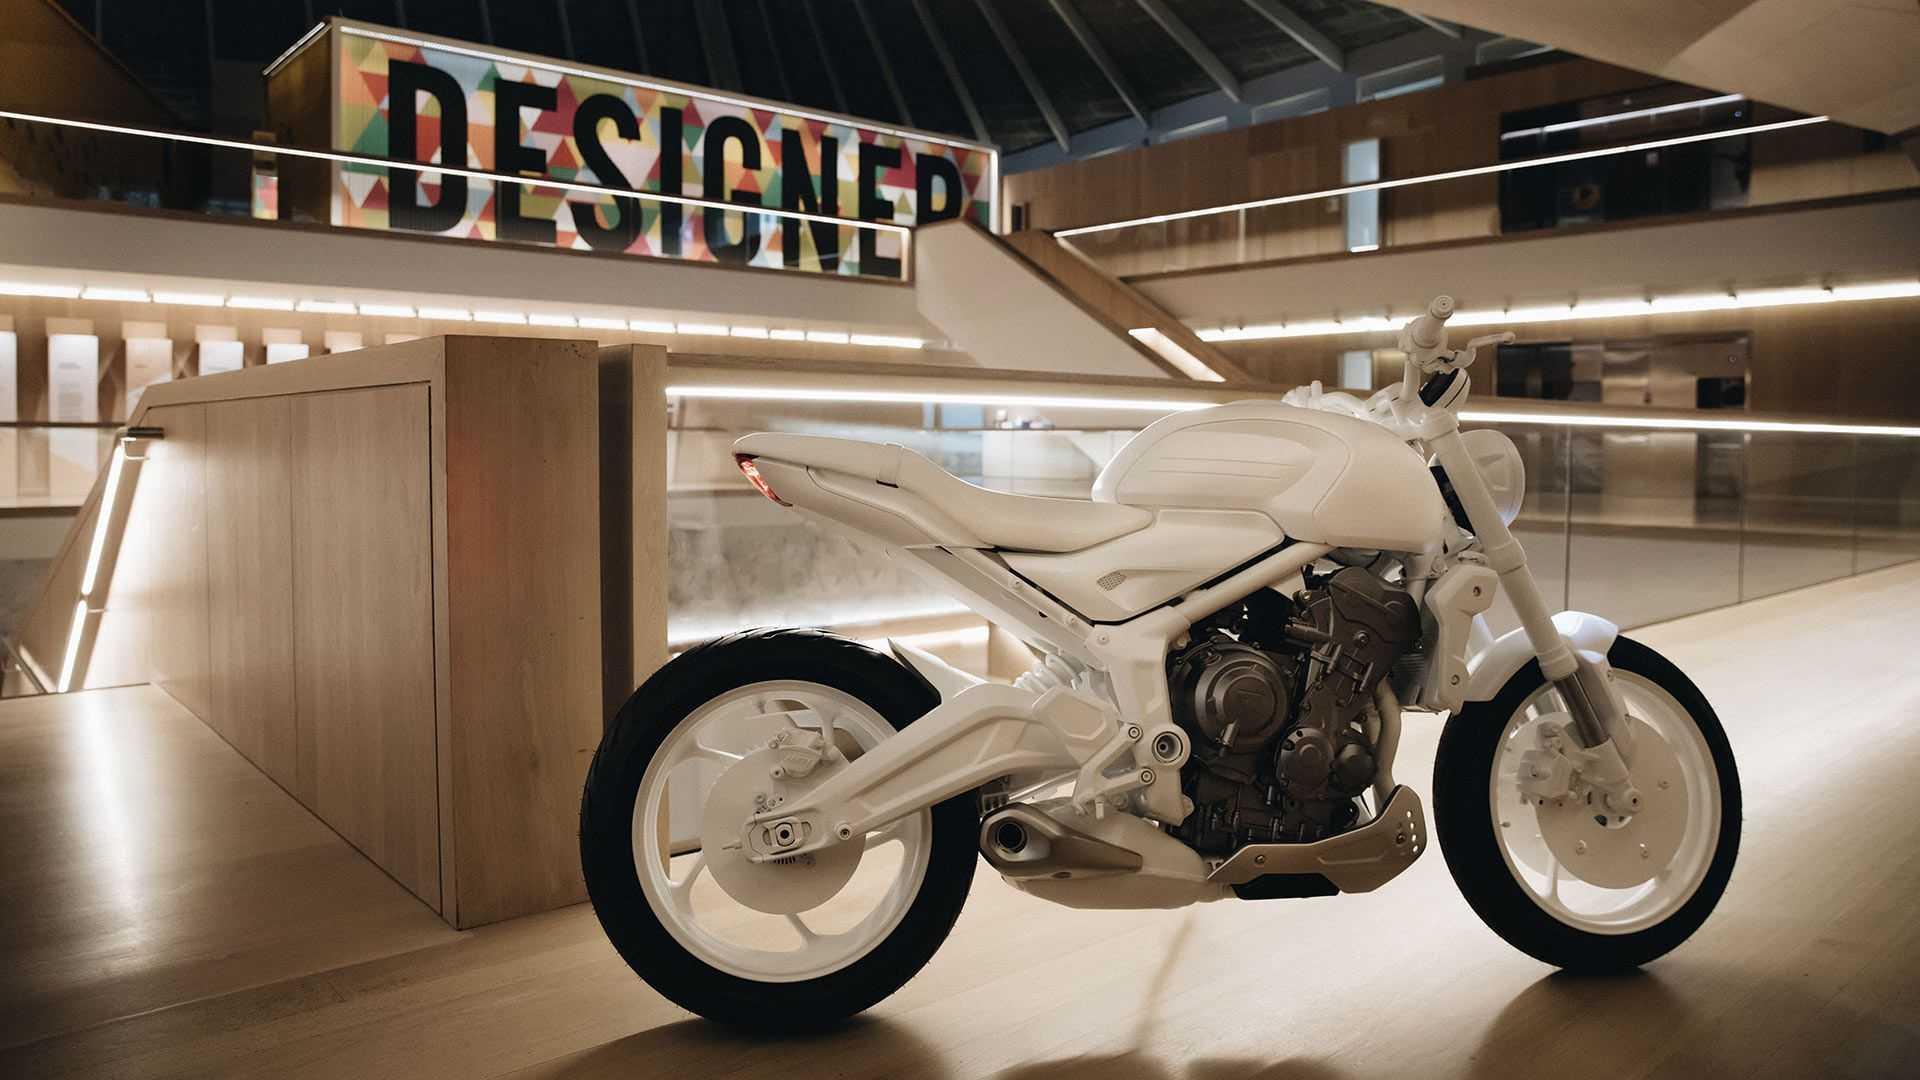 [HOT] Triumph Trident chính thức được hồi sinh trở lại sau 45 năm